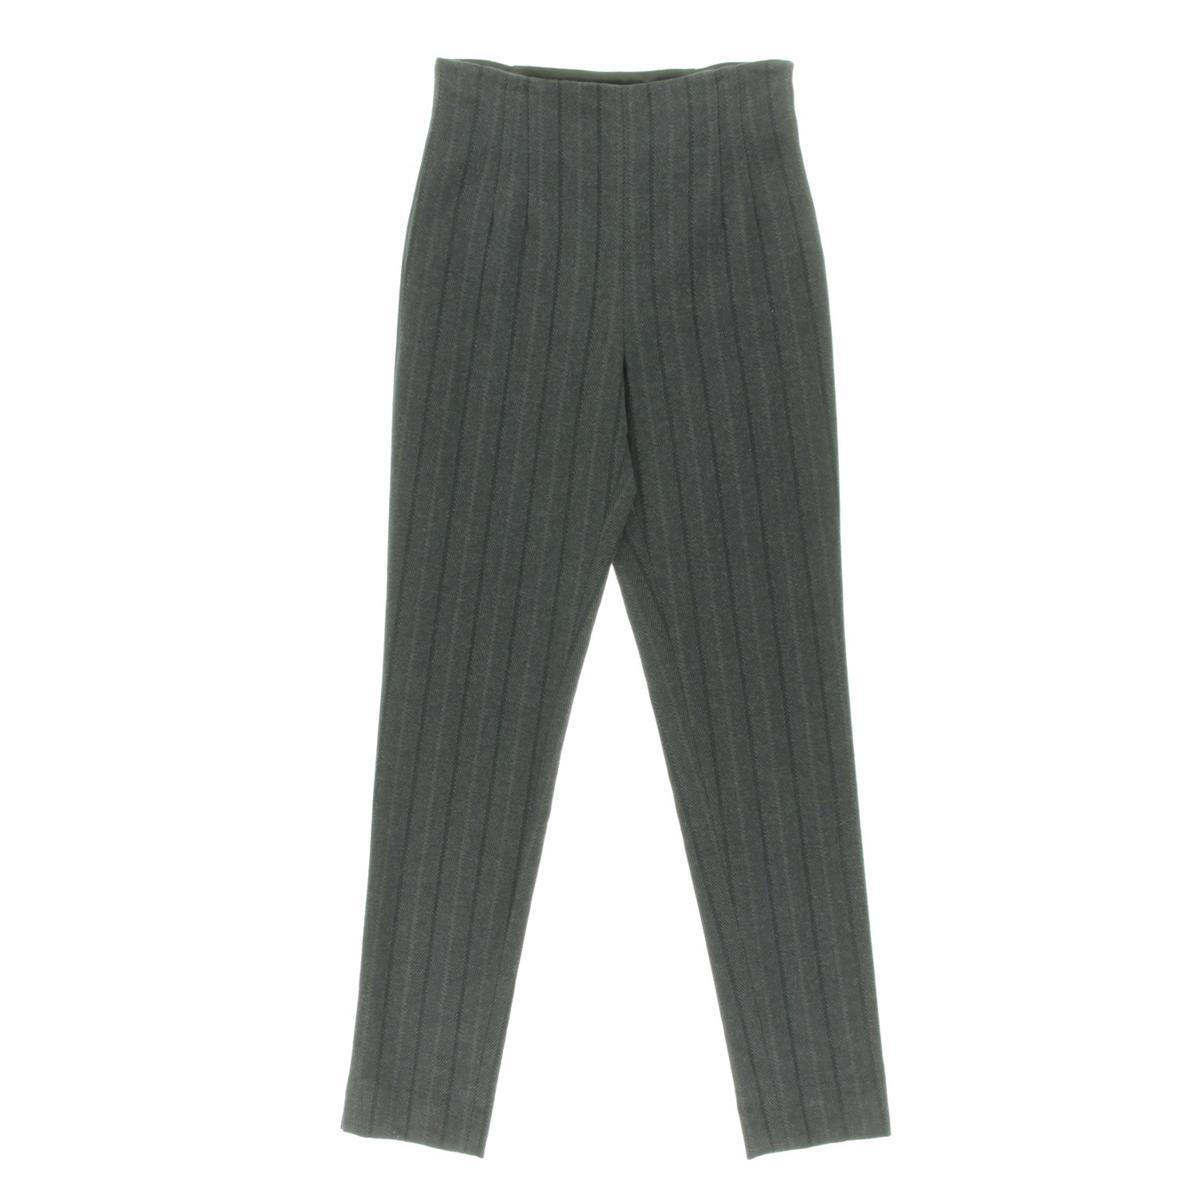 Catherine Malandrino Womens Gray Wool Blend Skinny Leg Dress Pants Size 4